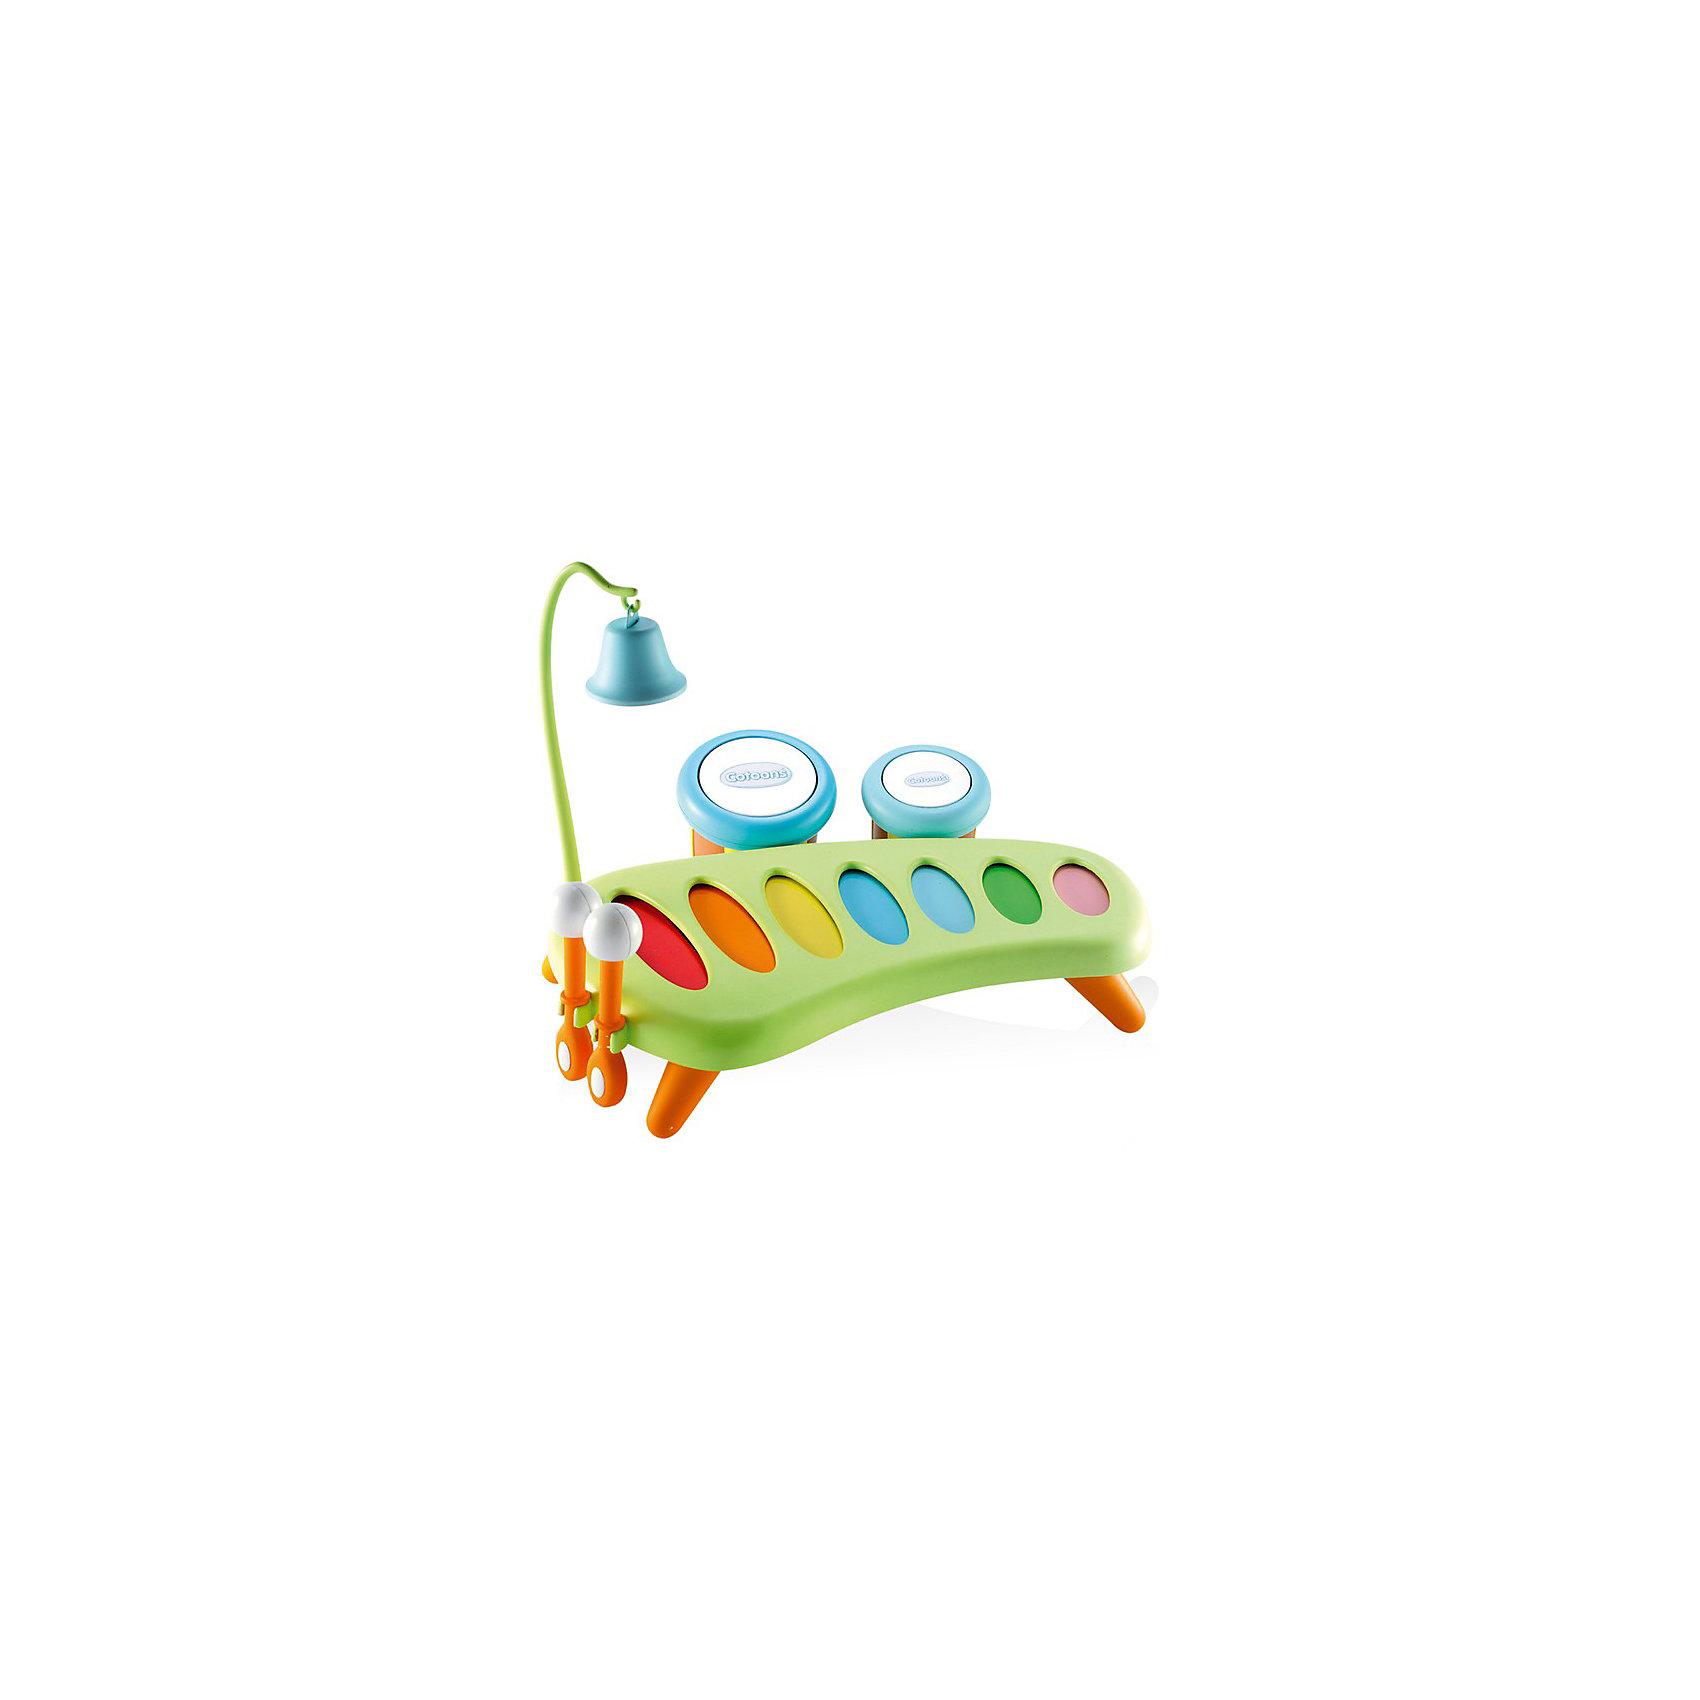 Smoby Cotoons Музыкальный инструмент - ксилофонДетские музыкальные инструменты<br>Ксилофон от Smoby может стать первым музыкальным инструментом Вашего малыша.<br><br>Ксилофон стоит на небольших ножках. Его можно разместить на столике около малыша либо прямо на полу. У ксилофона 7 разноцветных звонких пластин, по которым так весело стучать специальными палочками, создавая свою собственную музыку. На корпусе ксилофона есть места для крепления дополнительных инструментов и для хранения палочек. Звонкий колокольчик занимает особое место в музыкальном наборе. Его звук заворожит любого малыша. Колокольчик крепится на высоком штативе с крючком. У тамбуринов разное звучание, постучите по ним попоременно. После игры они подвешиваются на одной стороне ксилофона. При использовании отдельно тамбурины превращаются в отличные маракасы.<br><br>Дополнительная информация:<br><br>В комплект входят:<br>- ксилофон; <br>- 2 тамбурина (диаметр 7 см и 9 см); <br>- металлический колокольчик с крючком; <br>- 2 палочки (длина 10,5 см). <br><br>Материал: пластмасса, металл.<br><br>Размер:  25 х 31 х 26 см.<br><br>Современная музыкальная игрушка для Вашего ребёнка!<br><br>Ширина мм: 310<br>Глубина мм: 260<br>Высота мм: 250<br>Вес г: 70<br>Возраст от месяцев: 12<br>Возраст до месяцев: 36<br>Пол: Унисекс<br>Возраст: Детский<br>SKU: 2149451